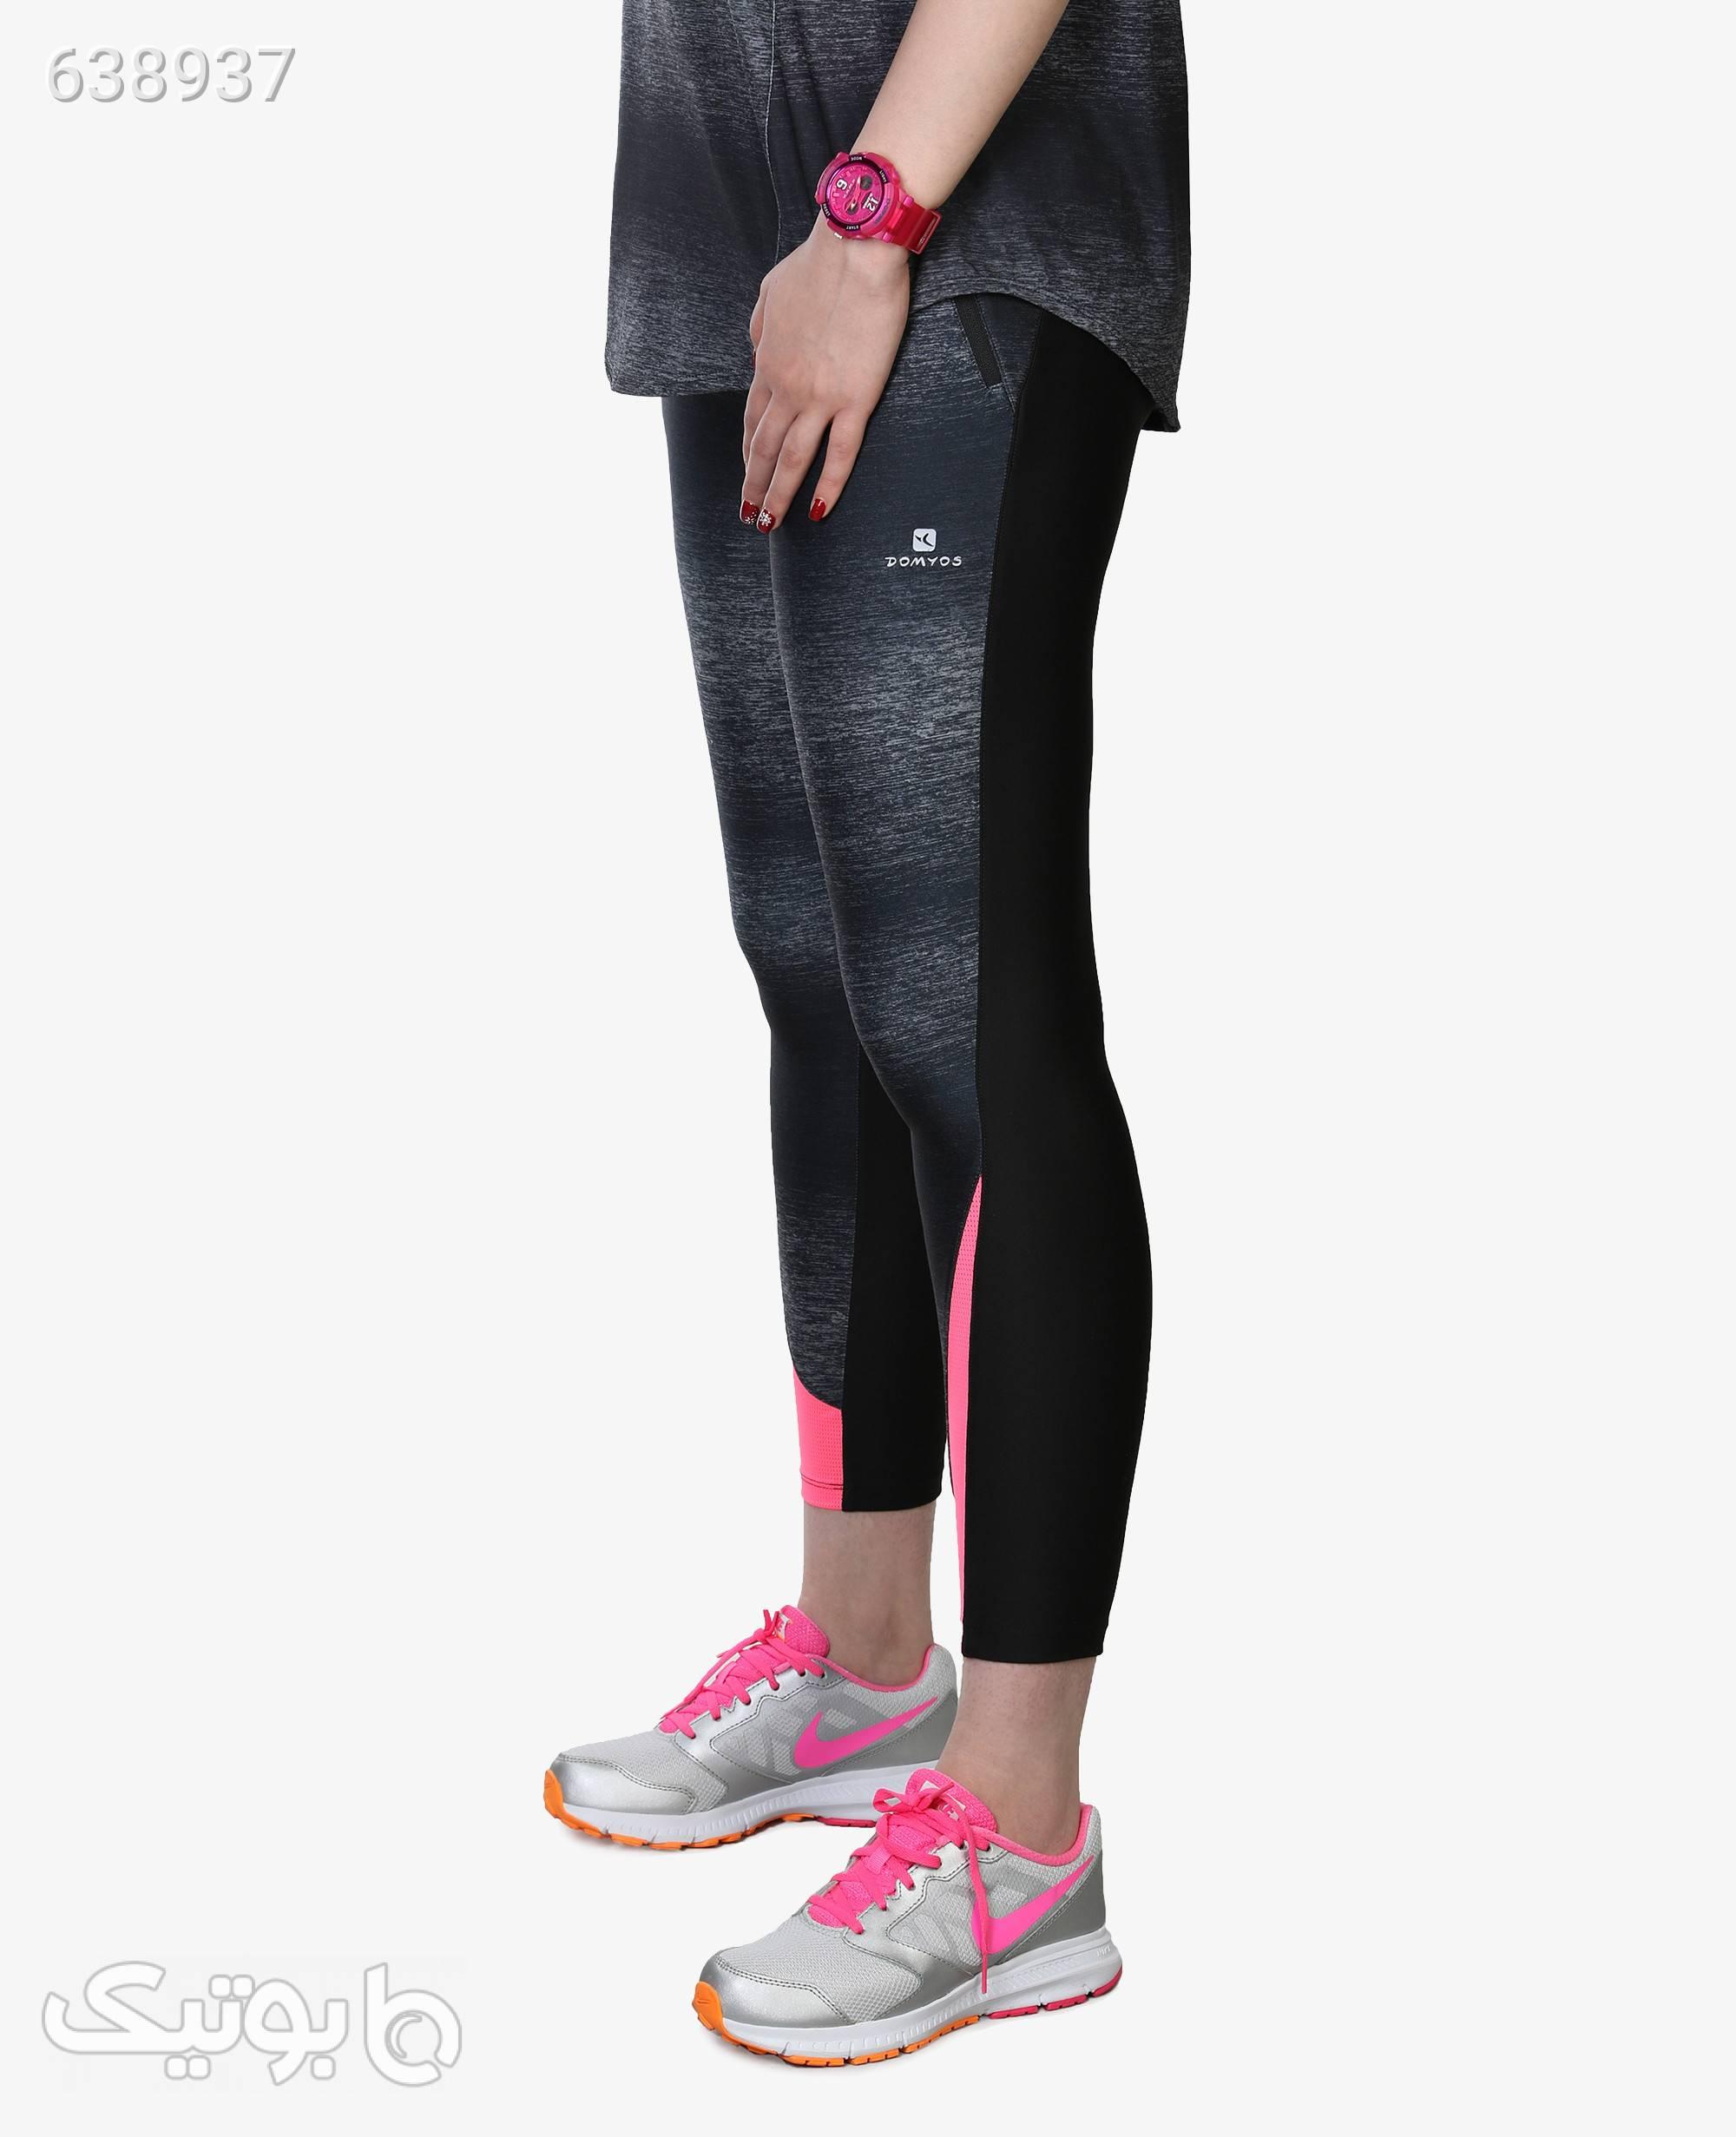 ست ورزشی زنانه Decathlon مدل 122615 ست ورزشی زنانه